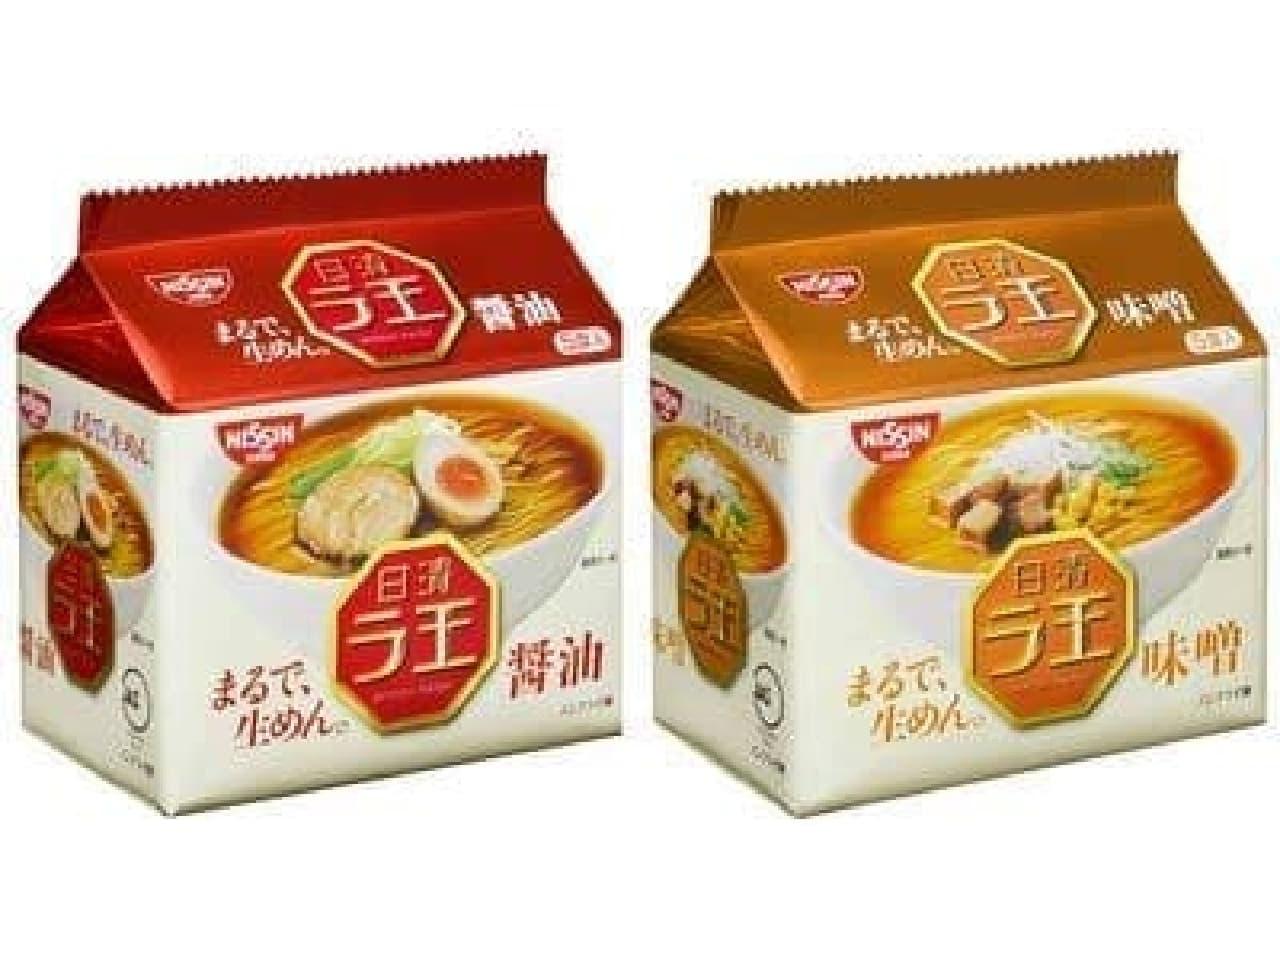 「日清ラ王」に袋麺が登場、「生めん食感」を実現!?